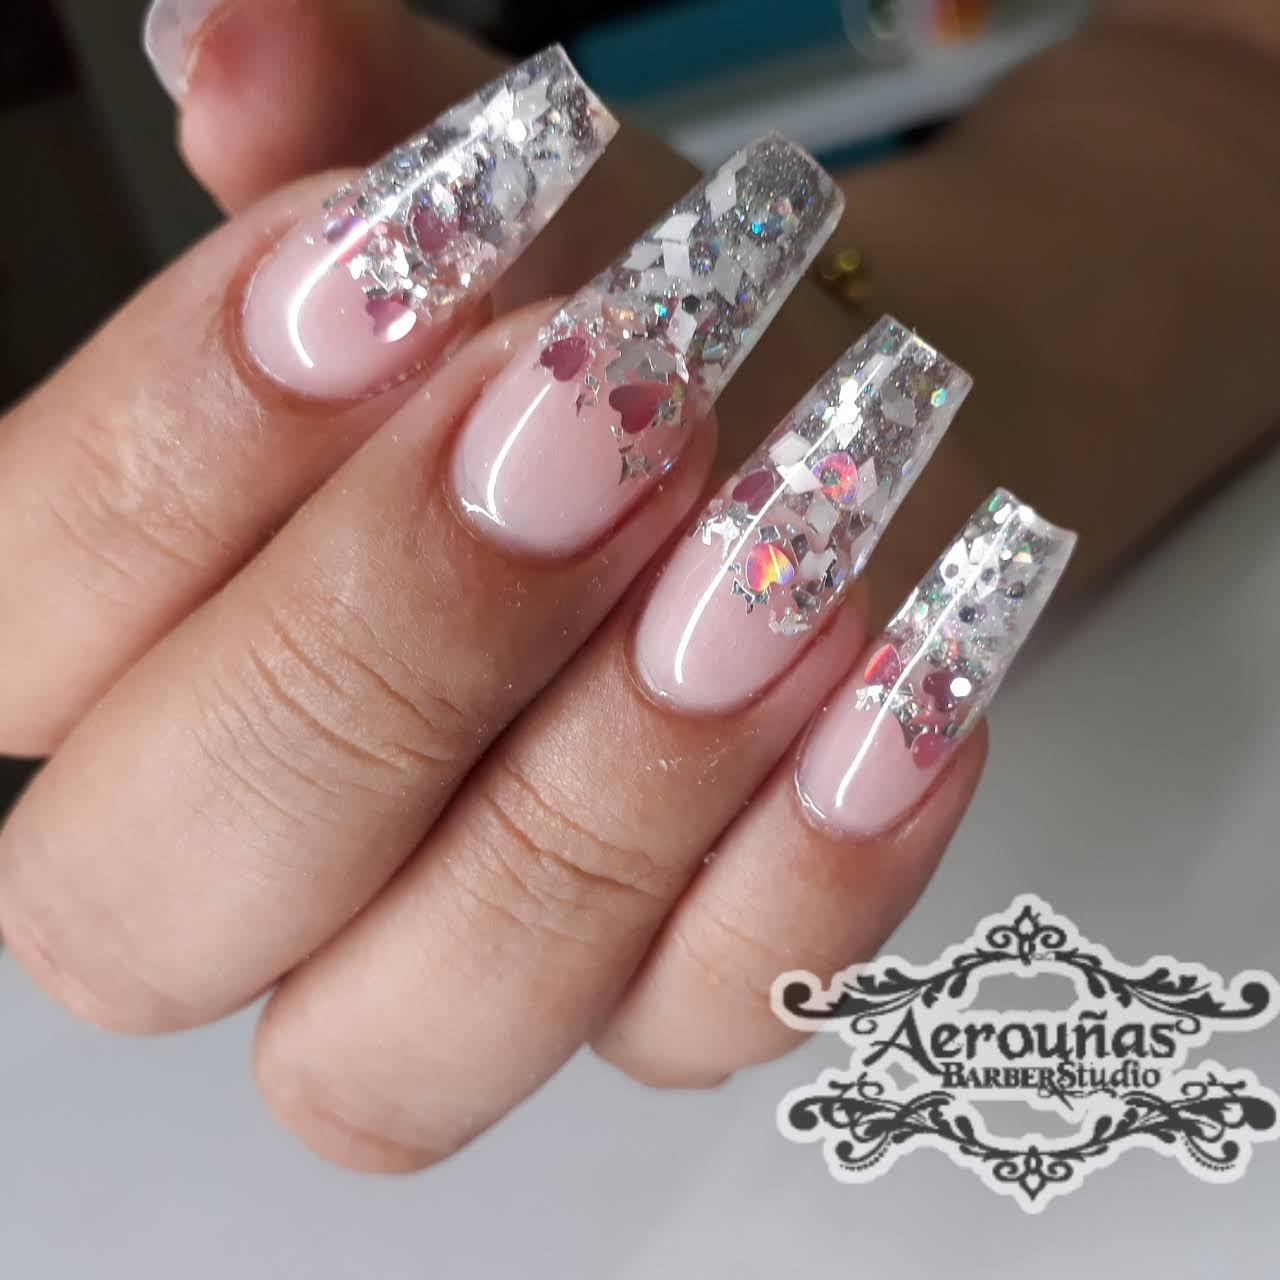 Aerouñas Nails Spa Peluquería Barberia Uñas Y Centro De